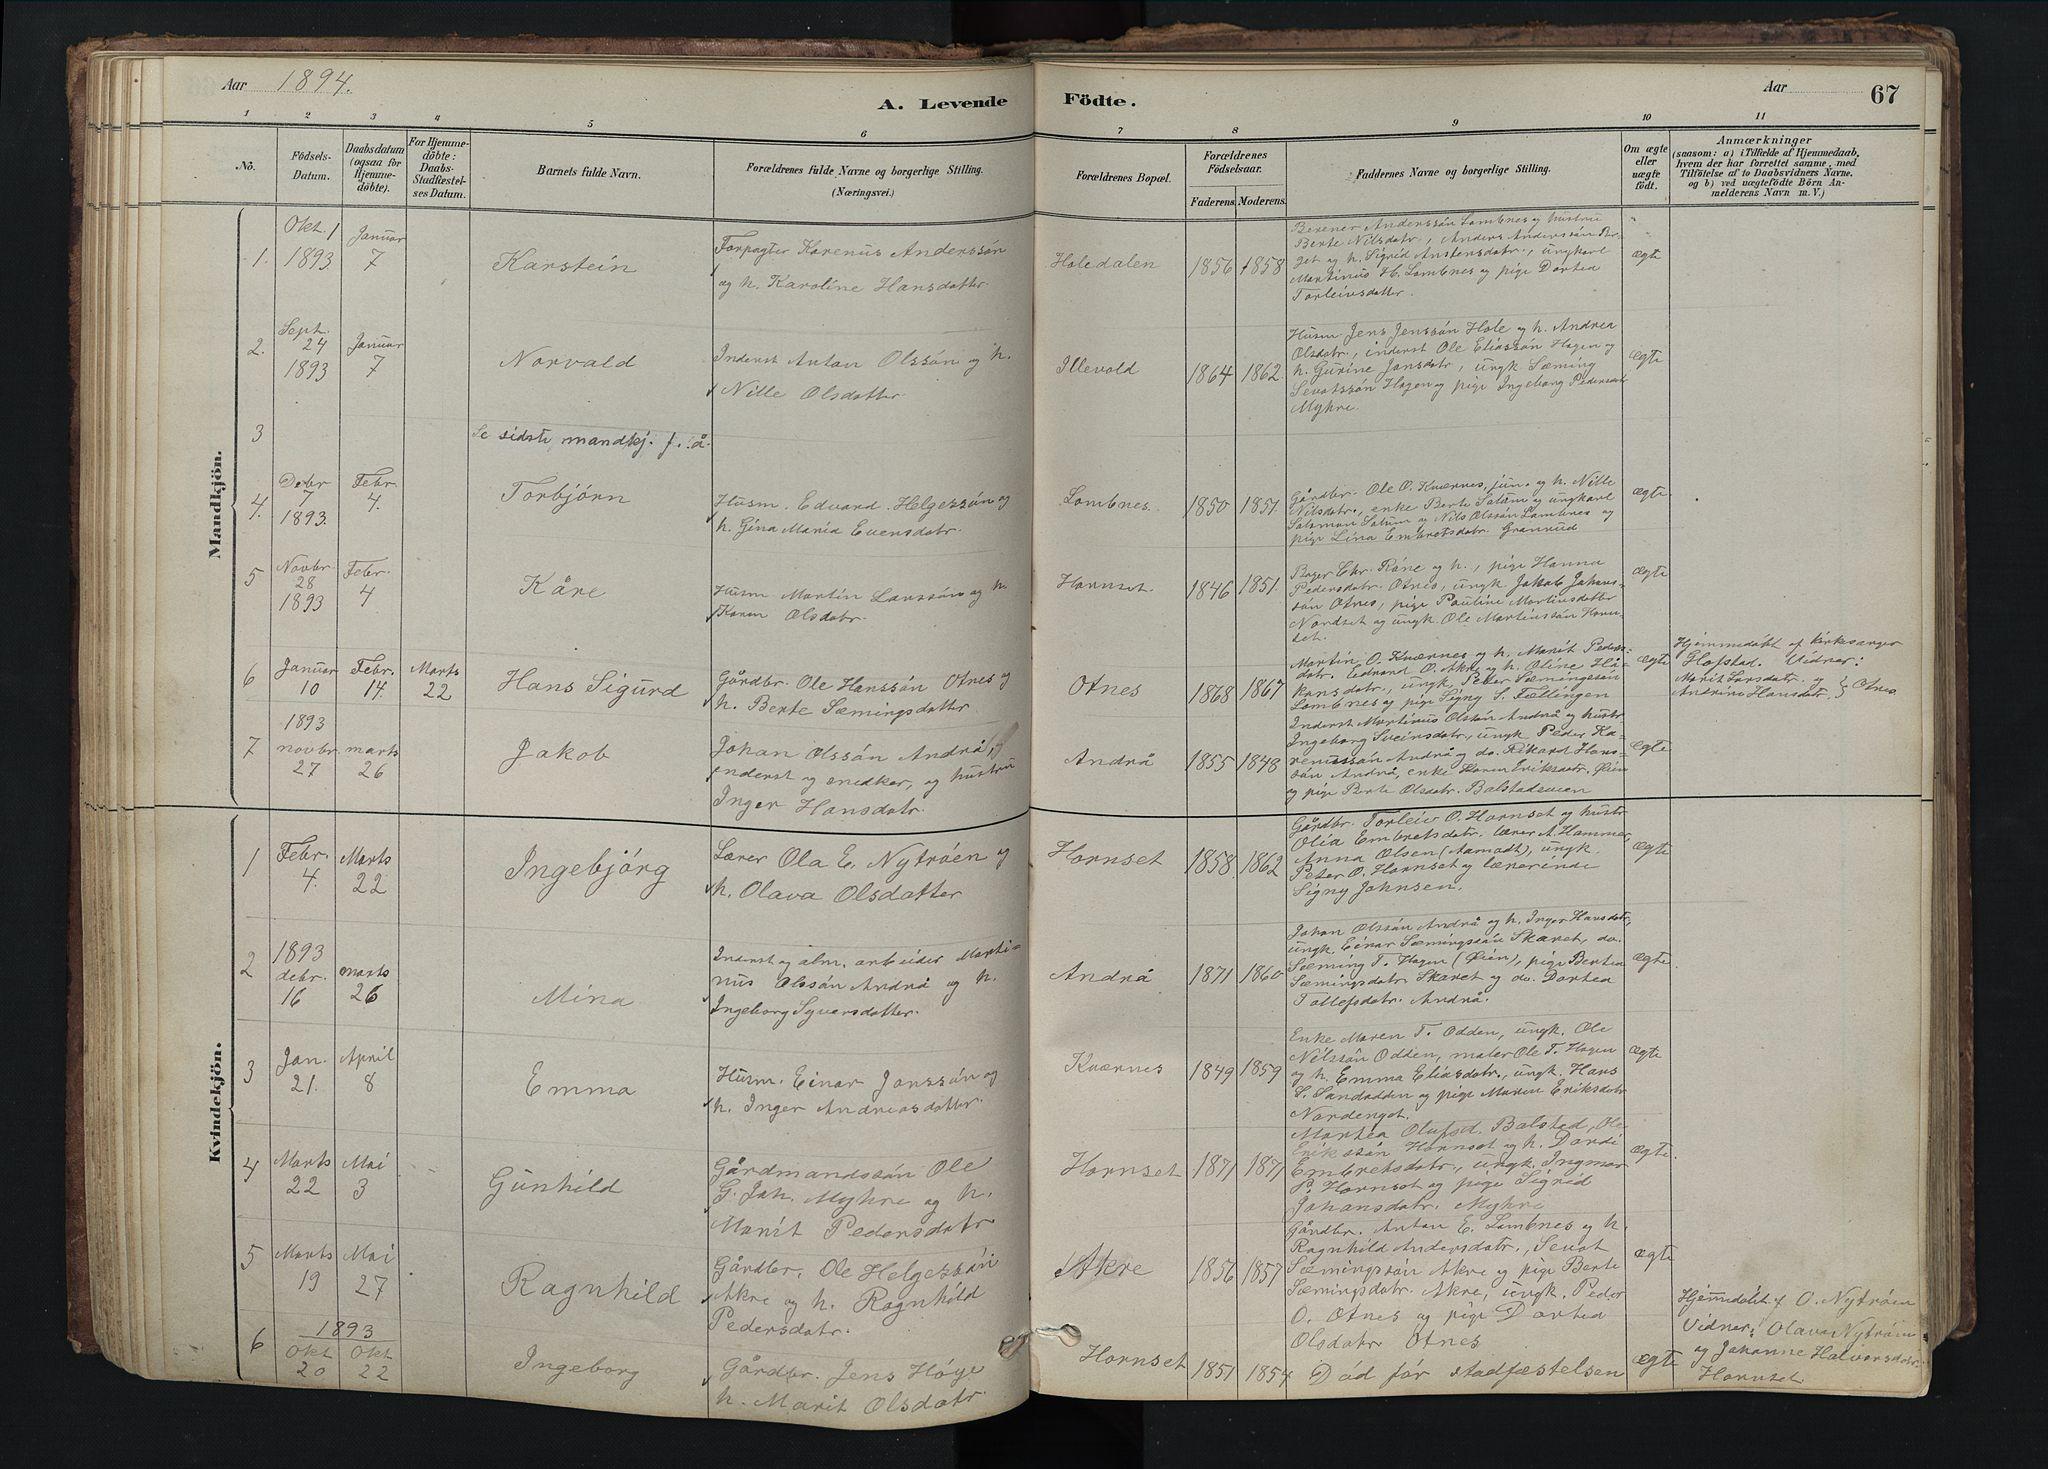 SAH, Rendalen prestekontor, H/Ha/Hab/L0009: Klokkerbok nr. 9, 1879-1902, s. 67